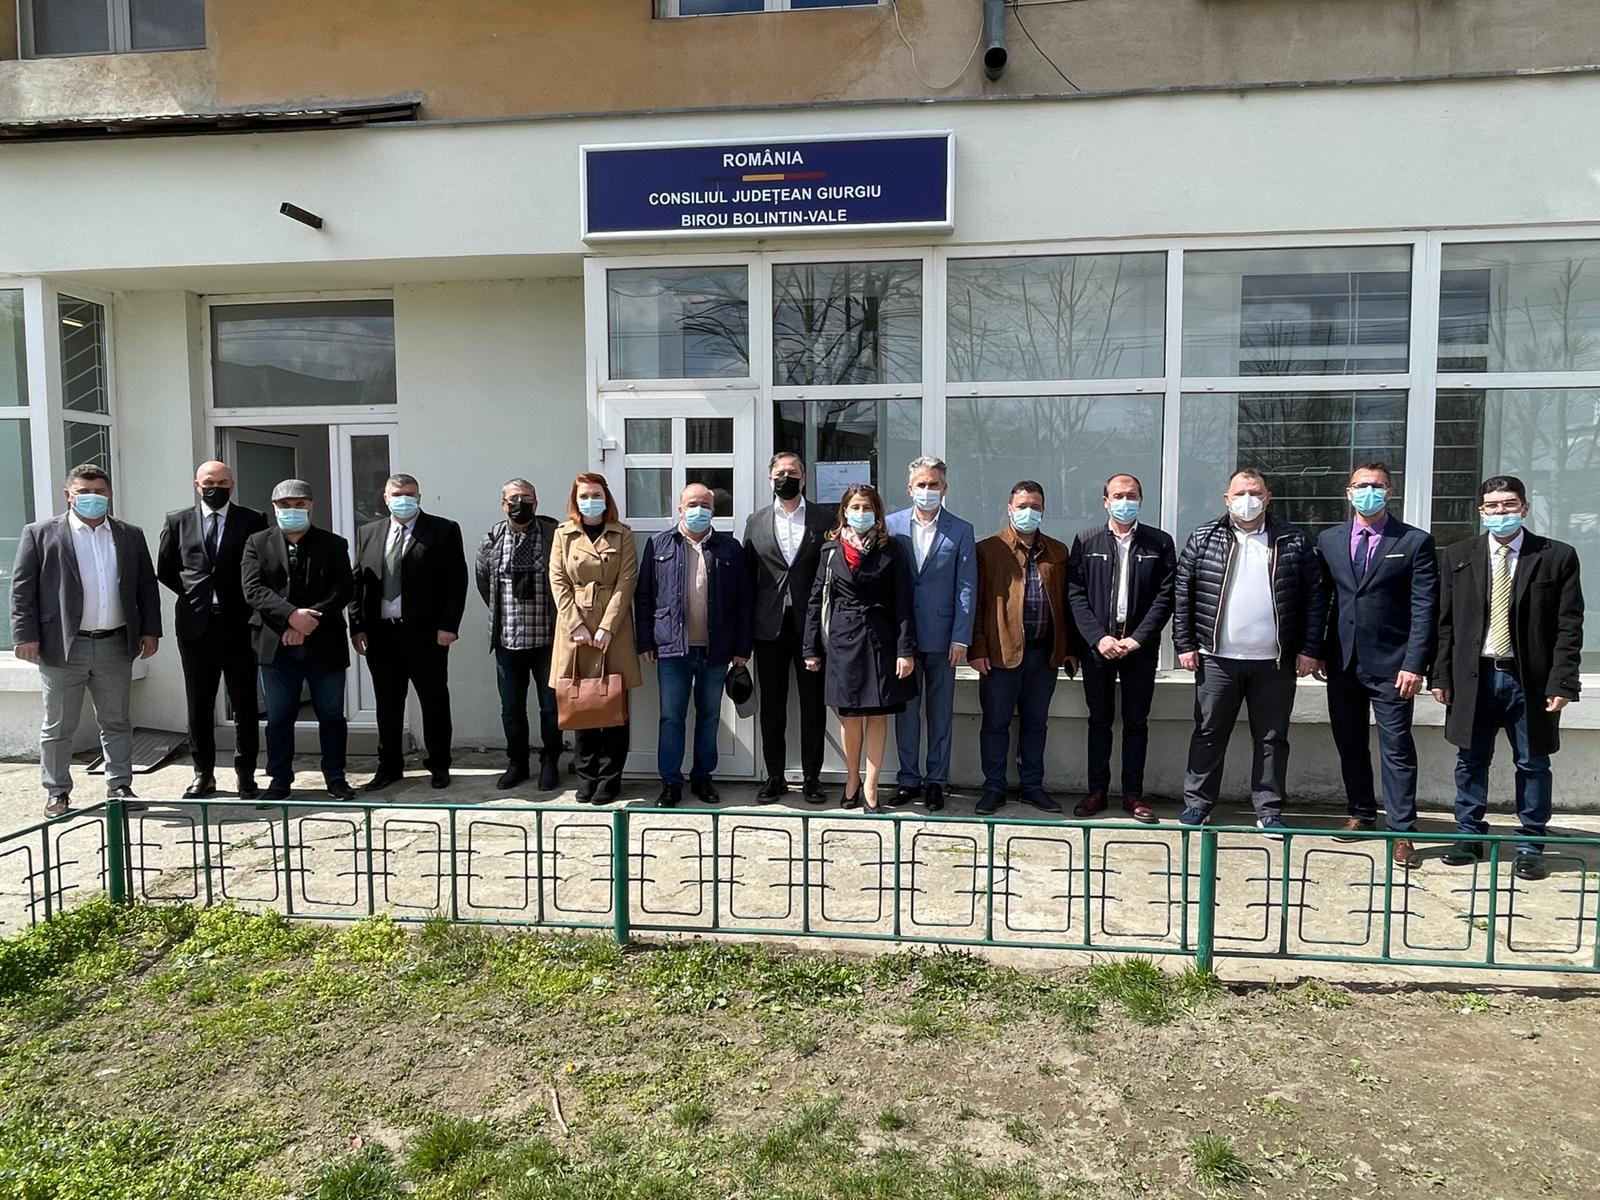 Astăzi 9 aprilie, a avut loc deschiderea Biroului de lucru al Consiliului Județean Giurgiu situat în localitatea Bolintin Vale